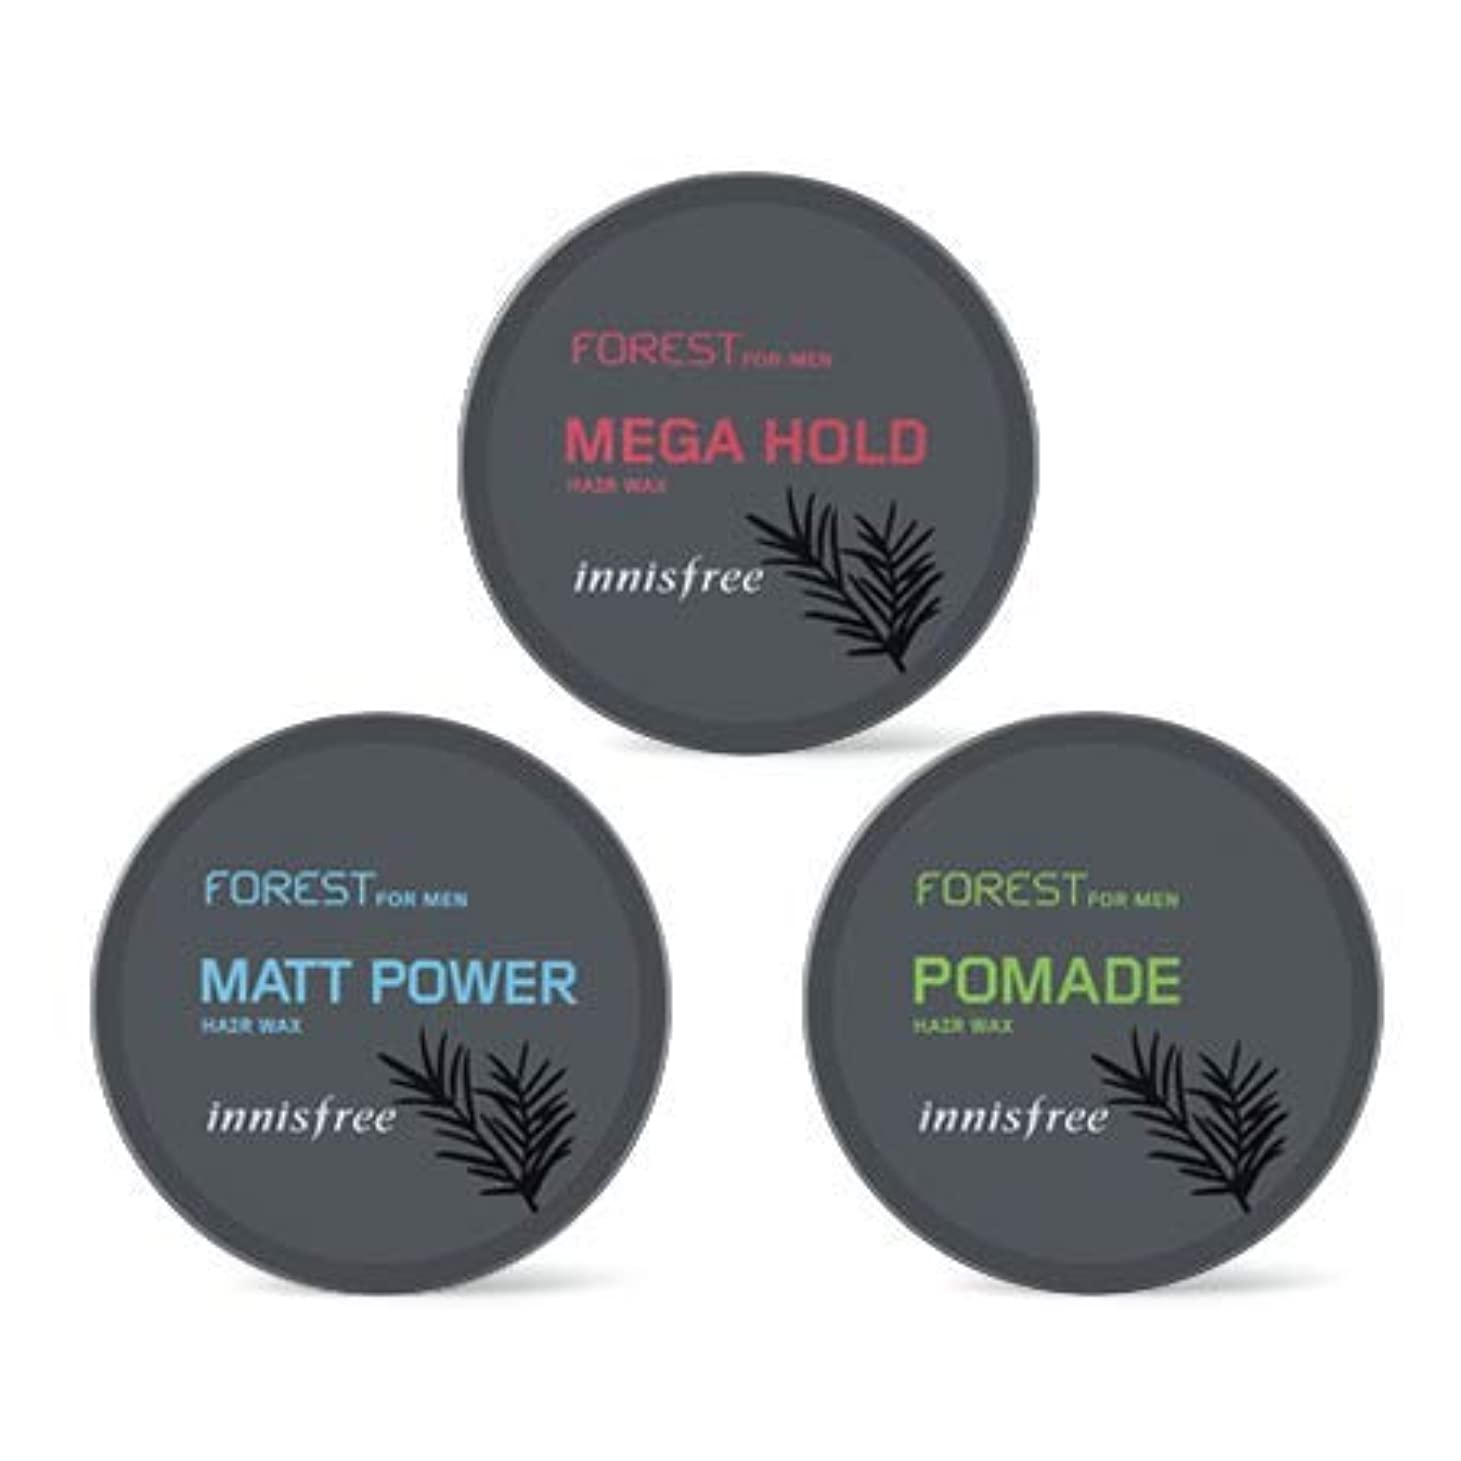 [イニスフリー.INNISFREE](公式)フォレストフォアマンヘアワックス(3種)/ Forest For Men Hair Wax(60G、3 kind) (# mega hold)